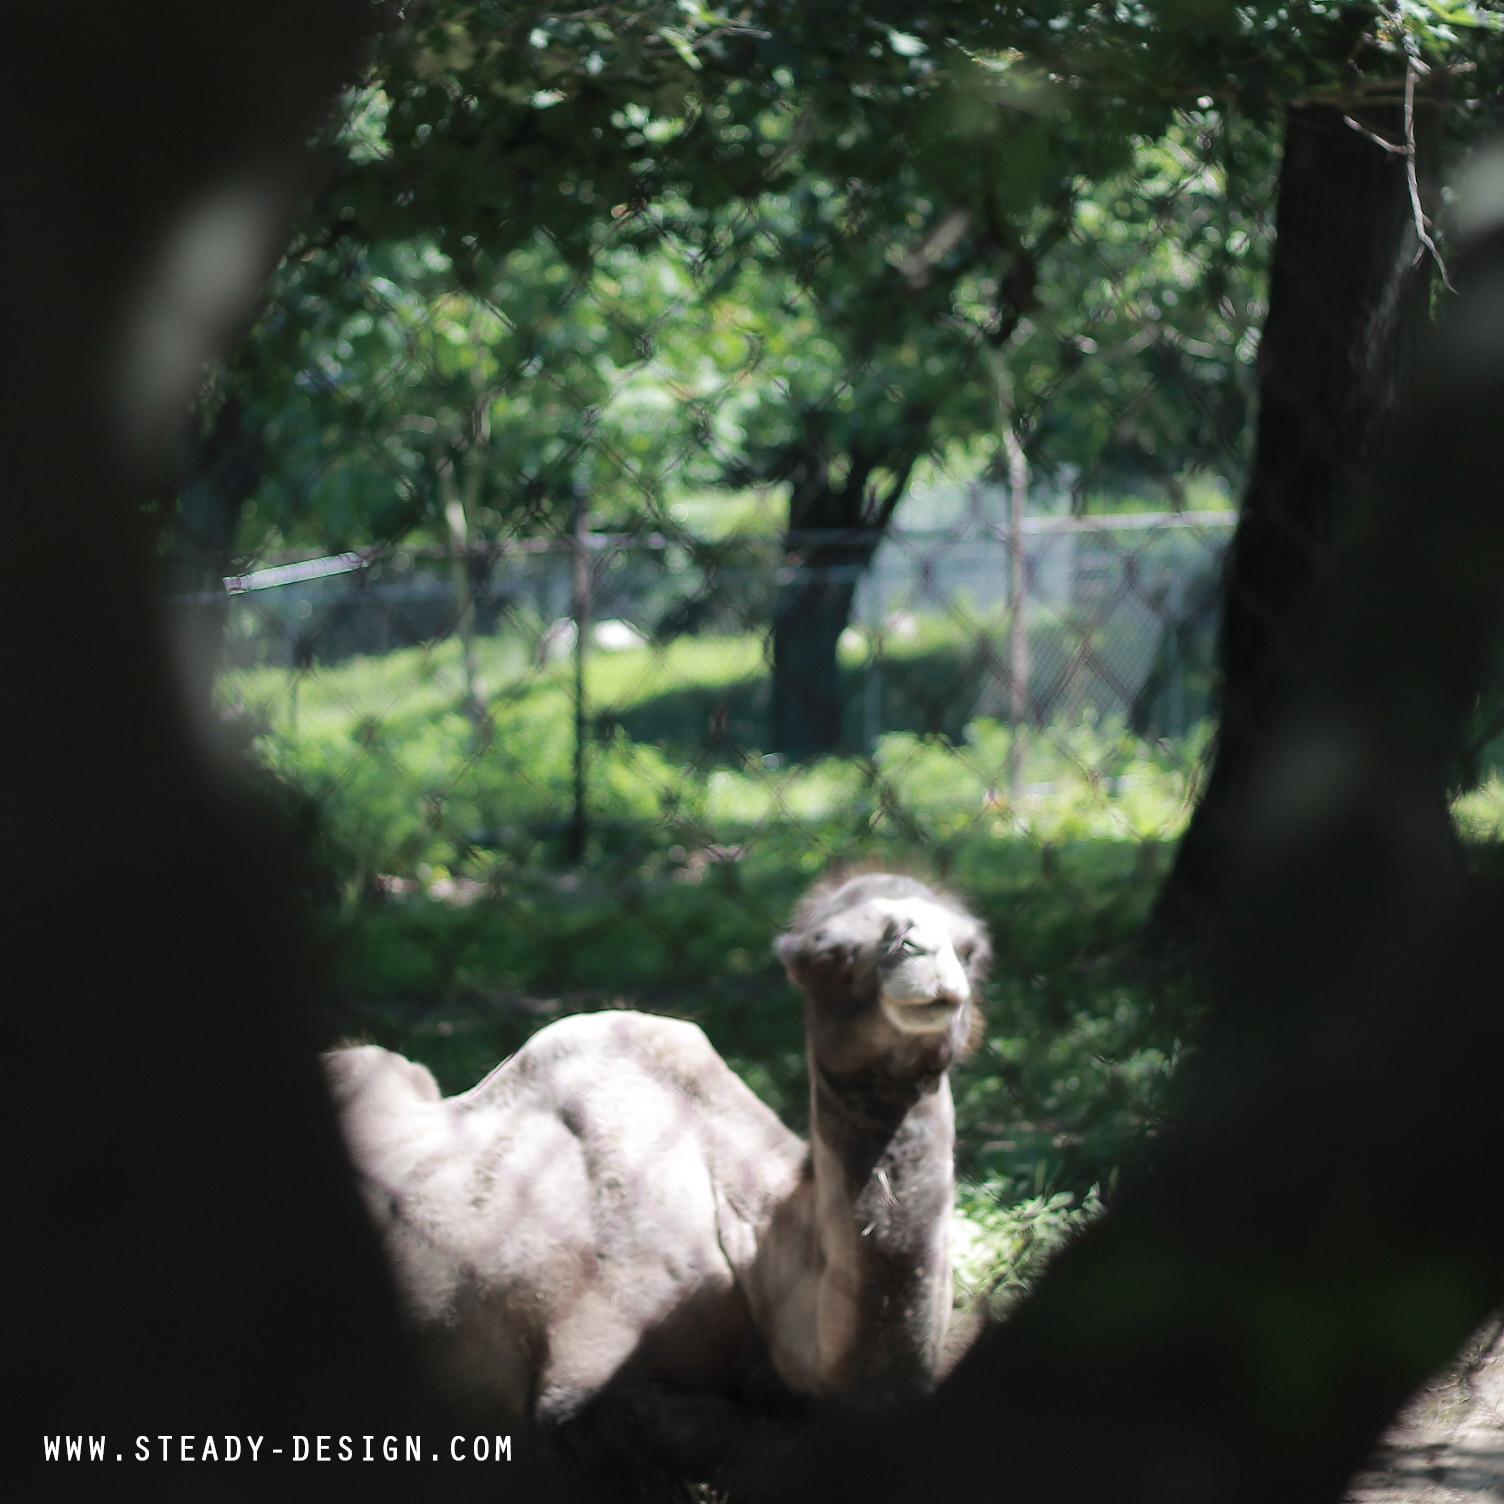 CAMEL reminising